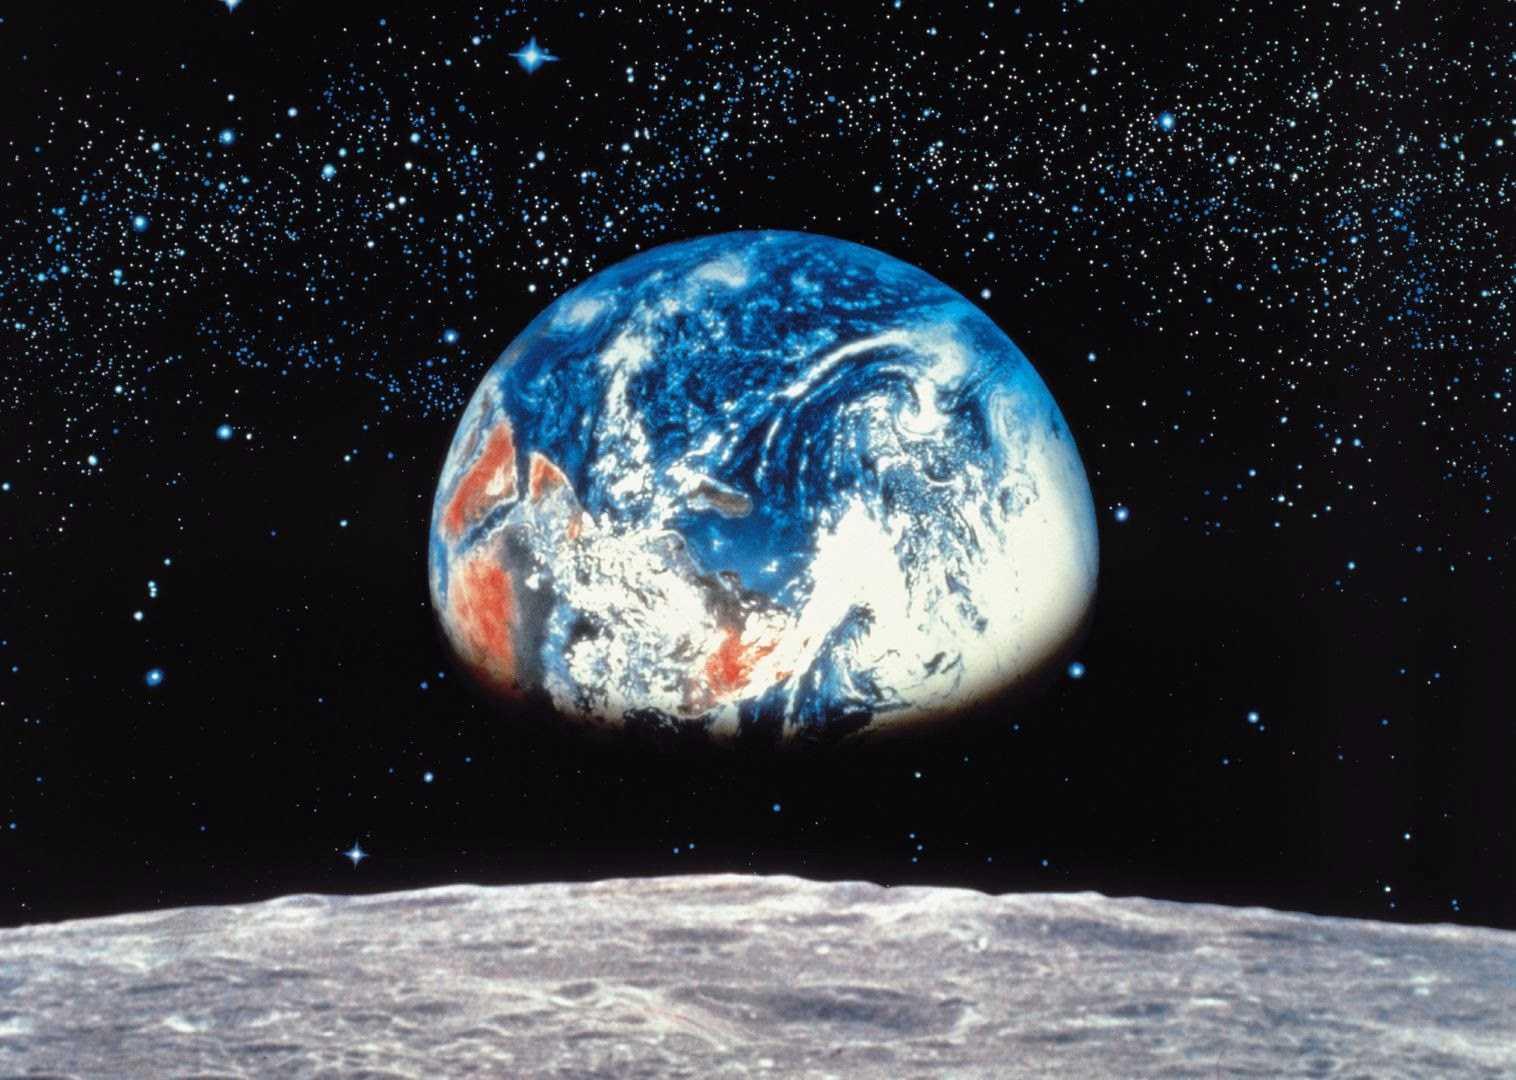 uzayda uzaklık